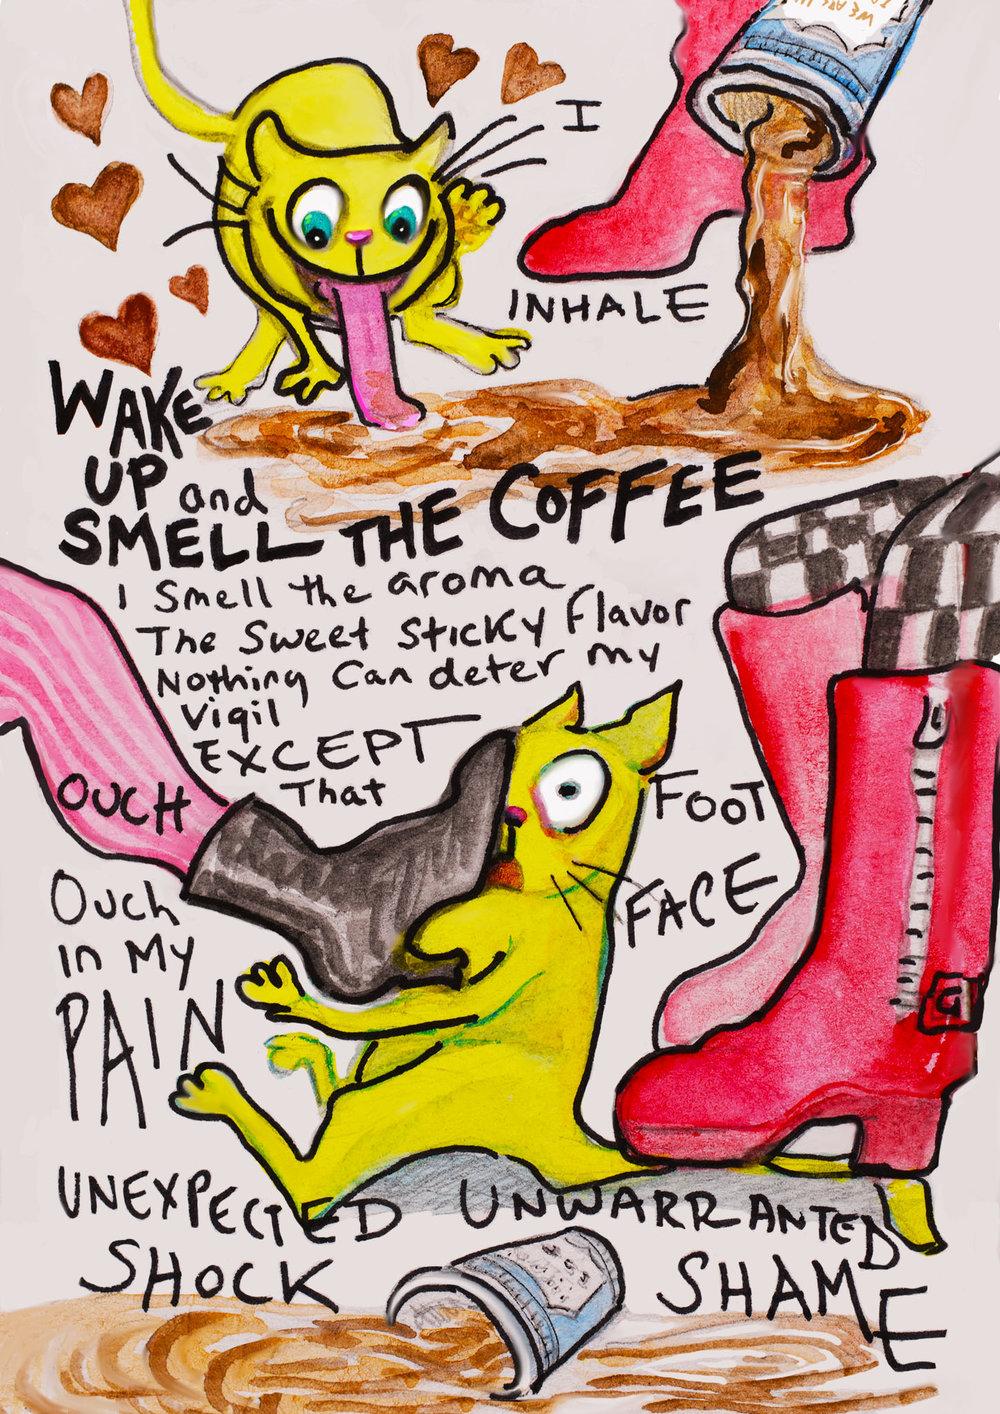 pisscatgwakeupsmellcoffee16.jpg